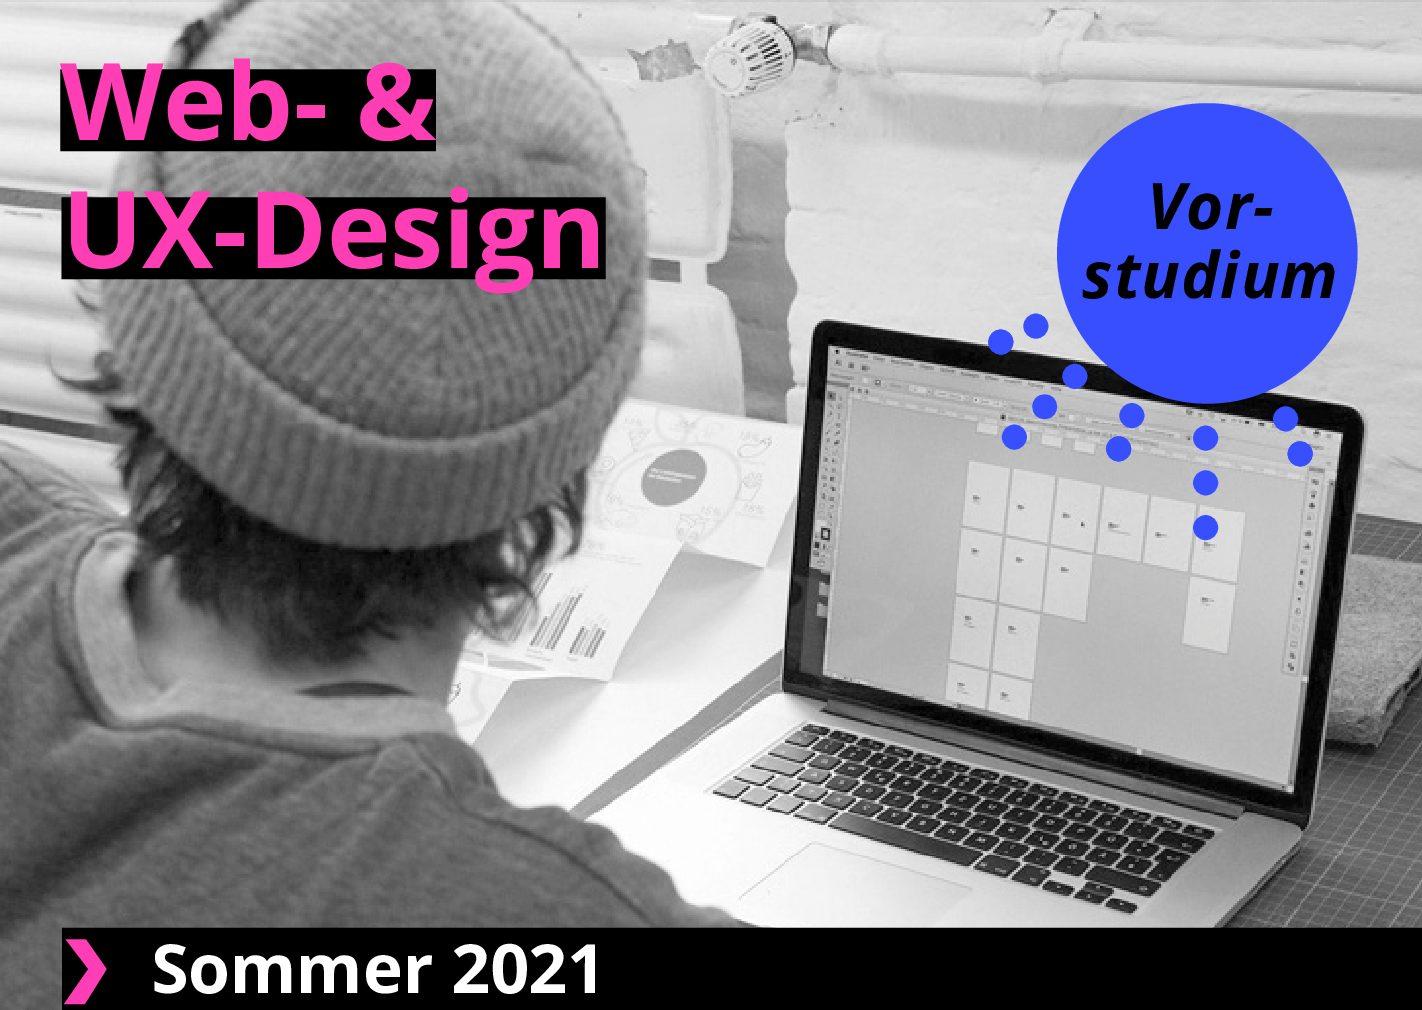 Web-& UX-Design